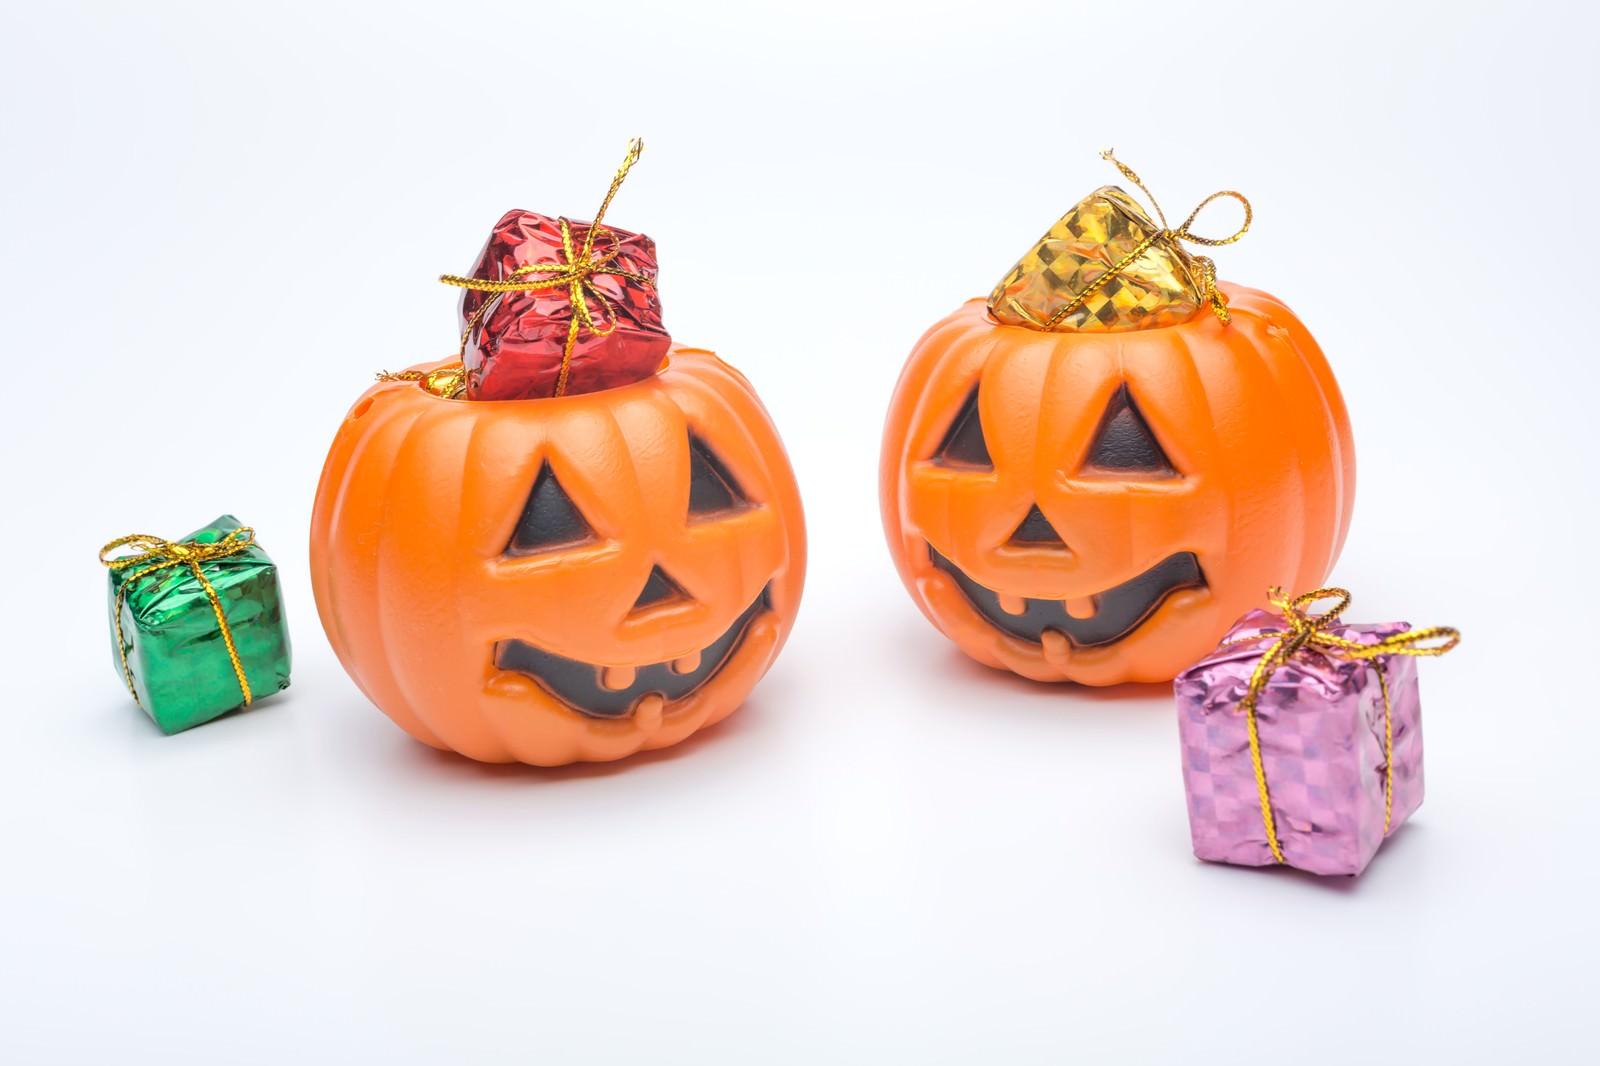 「ハロウィンかぼちゃのお化けとプレゼント」の写真